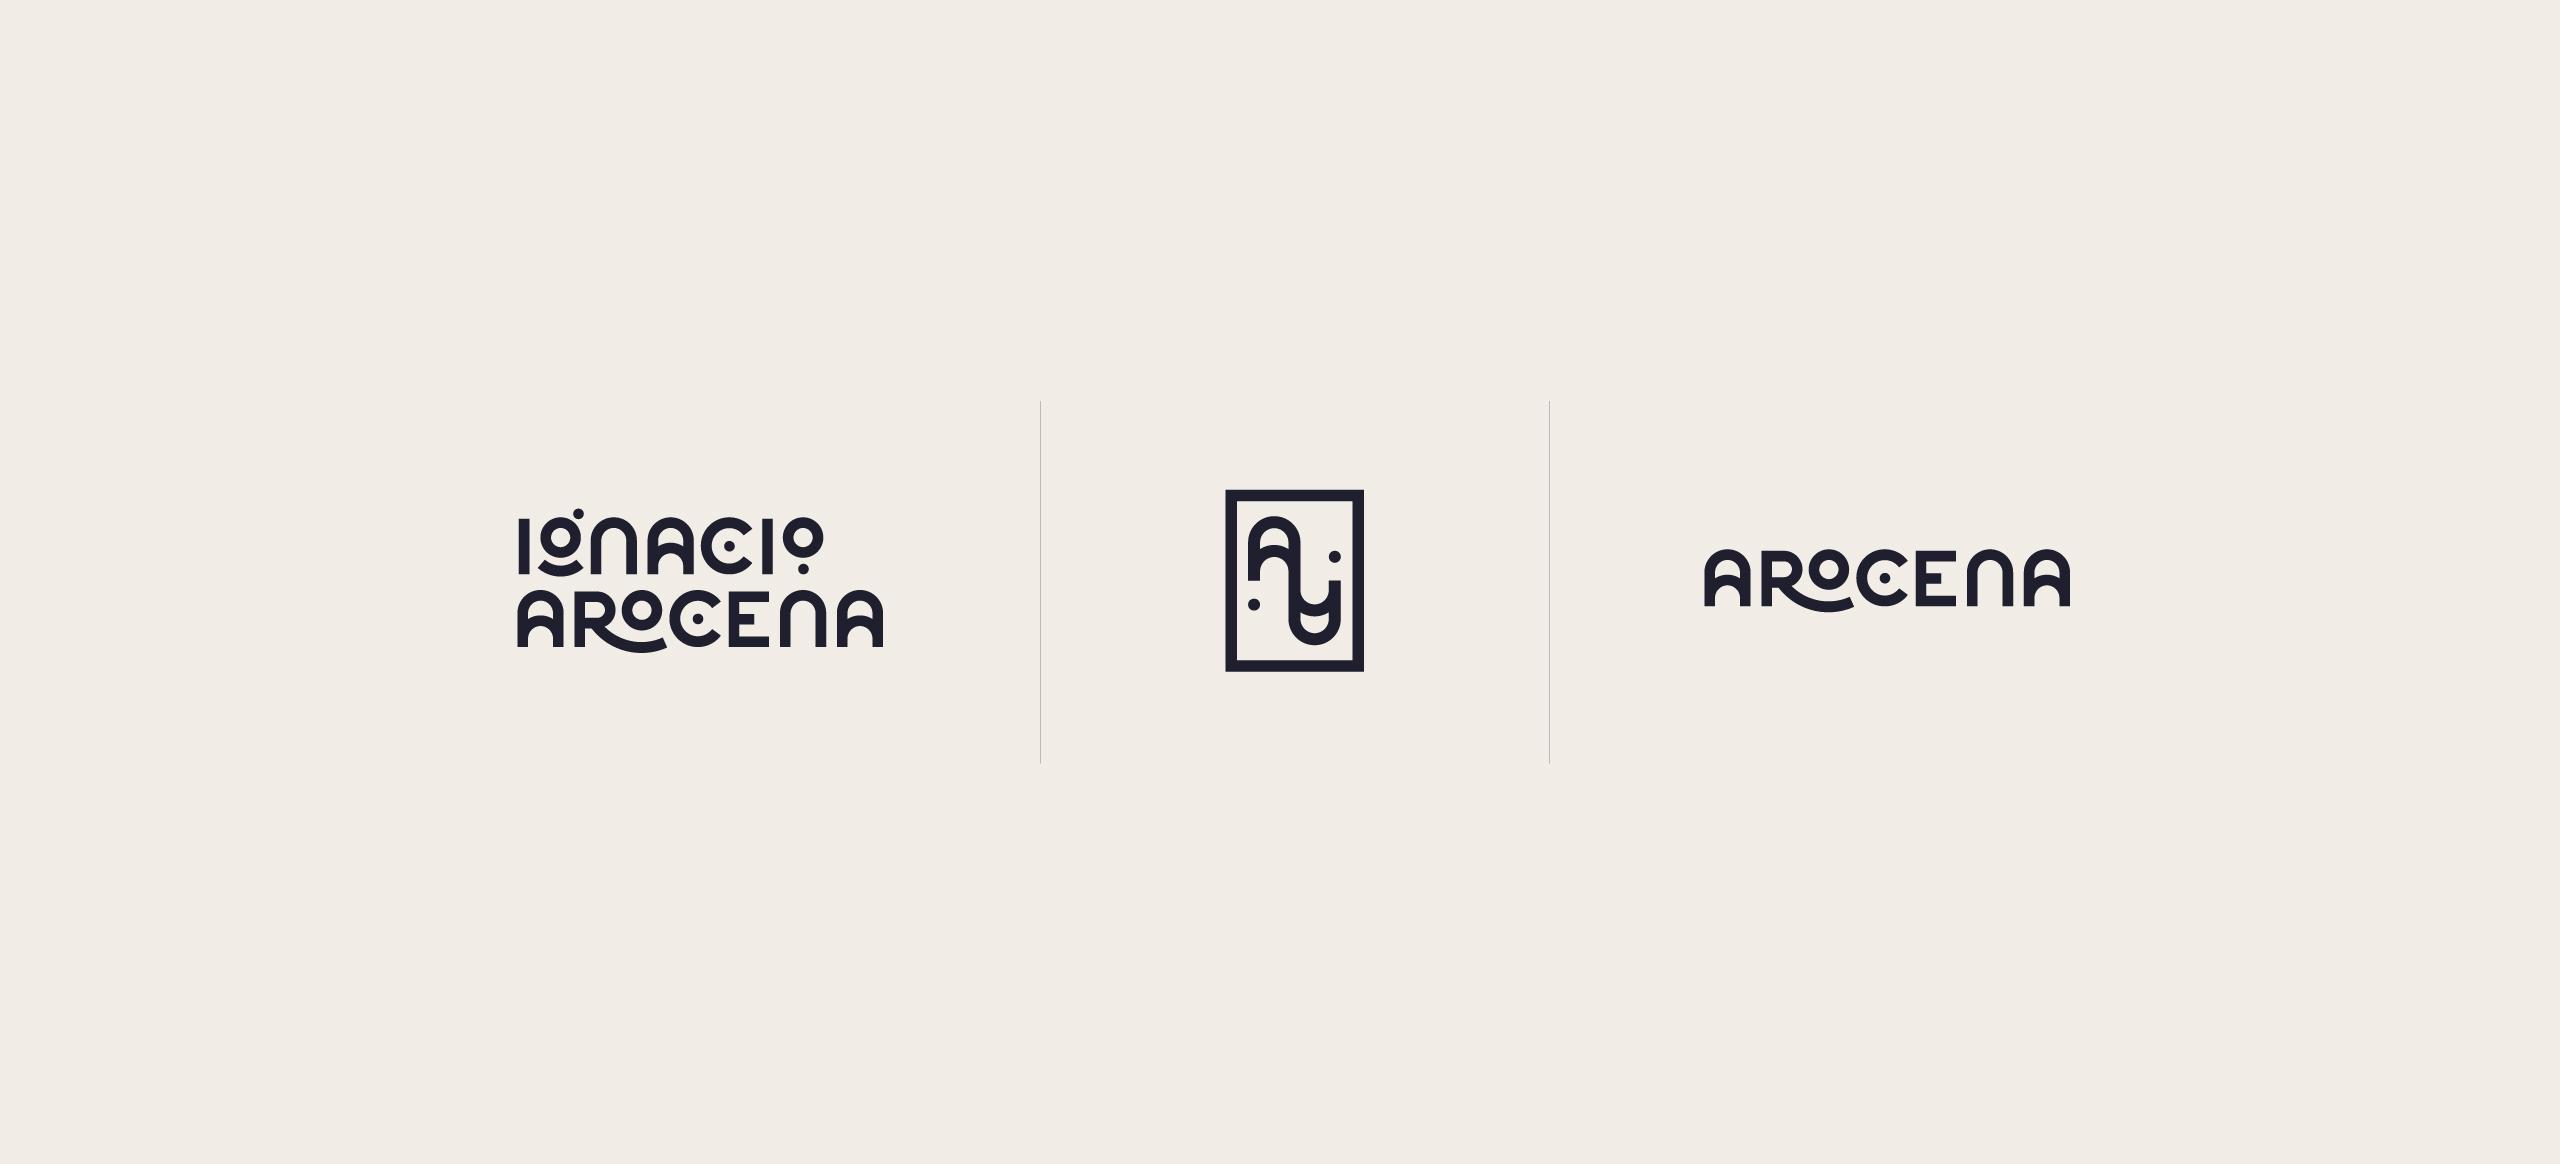 Ignacio-Arocena-marca